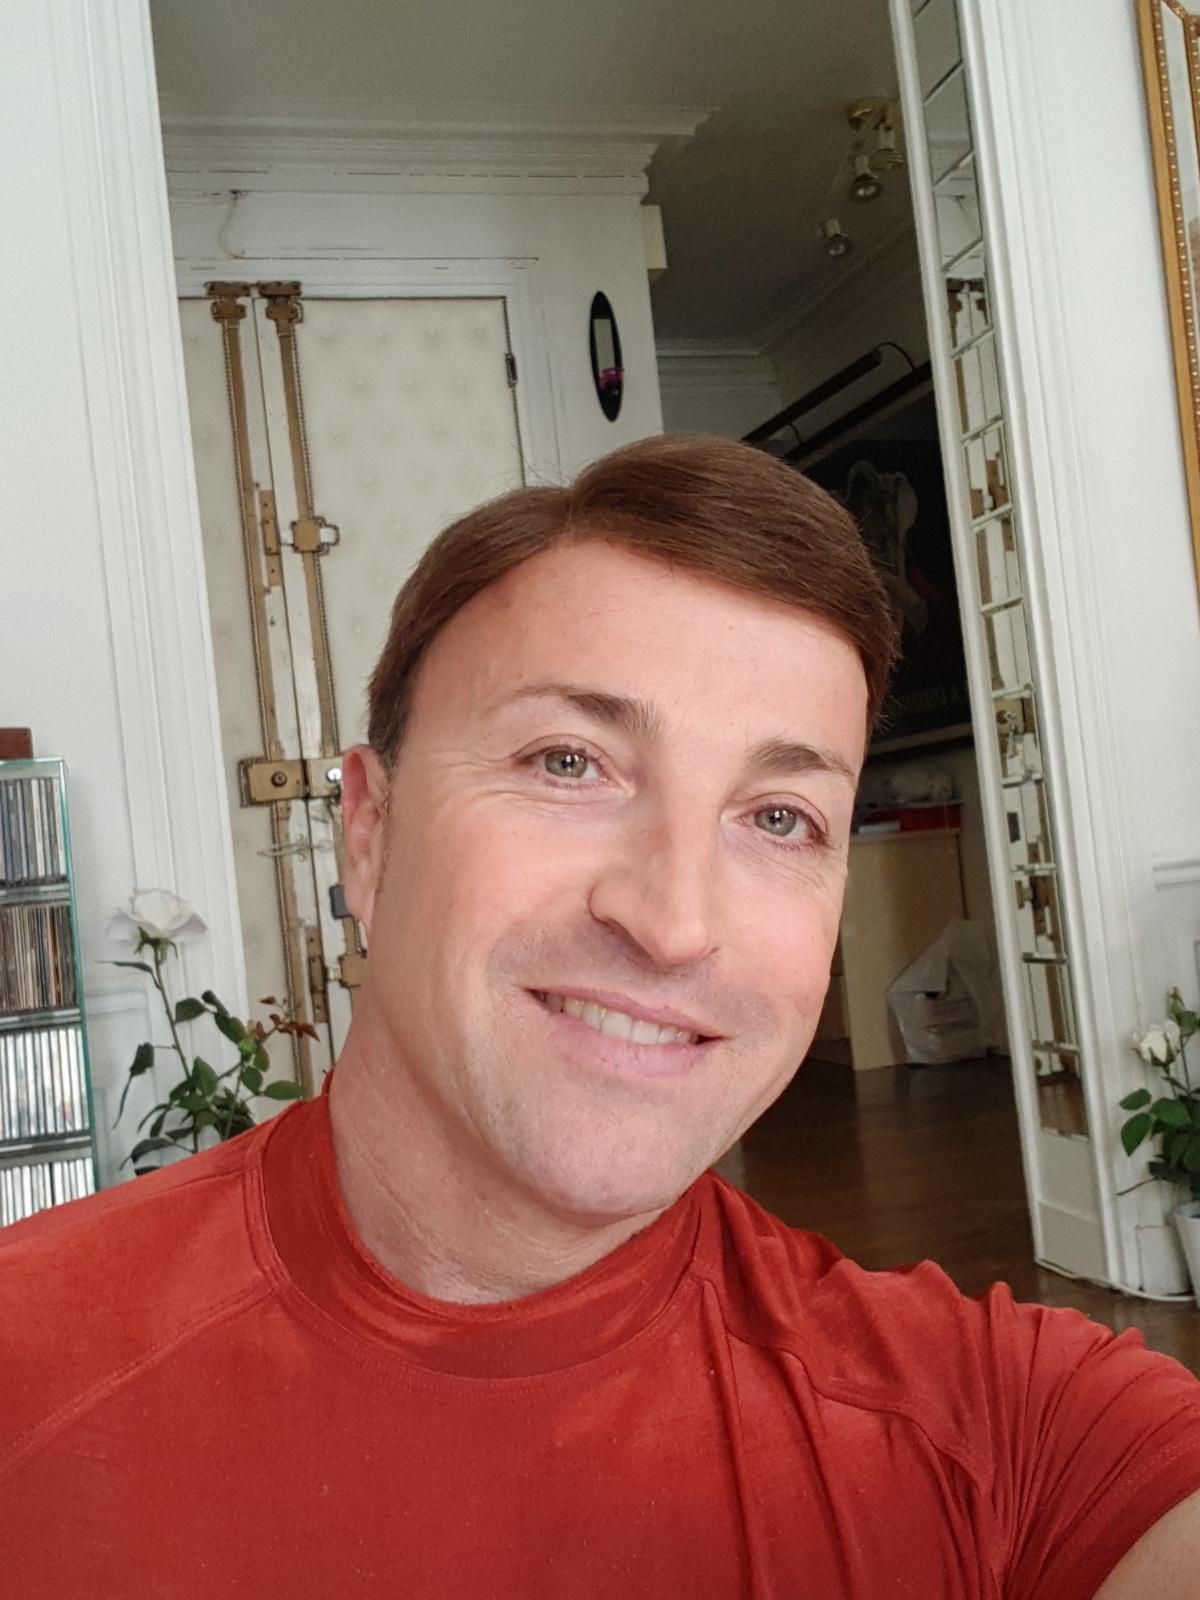 Stephane Cealis